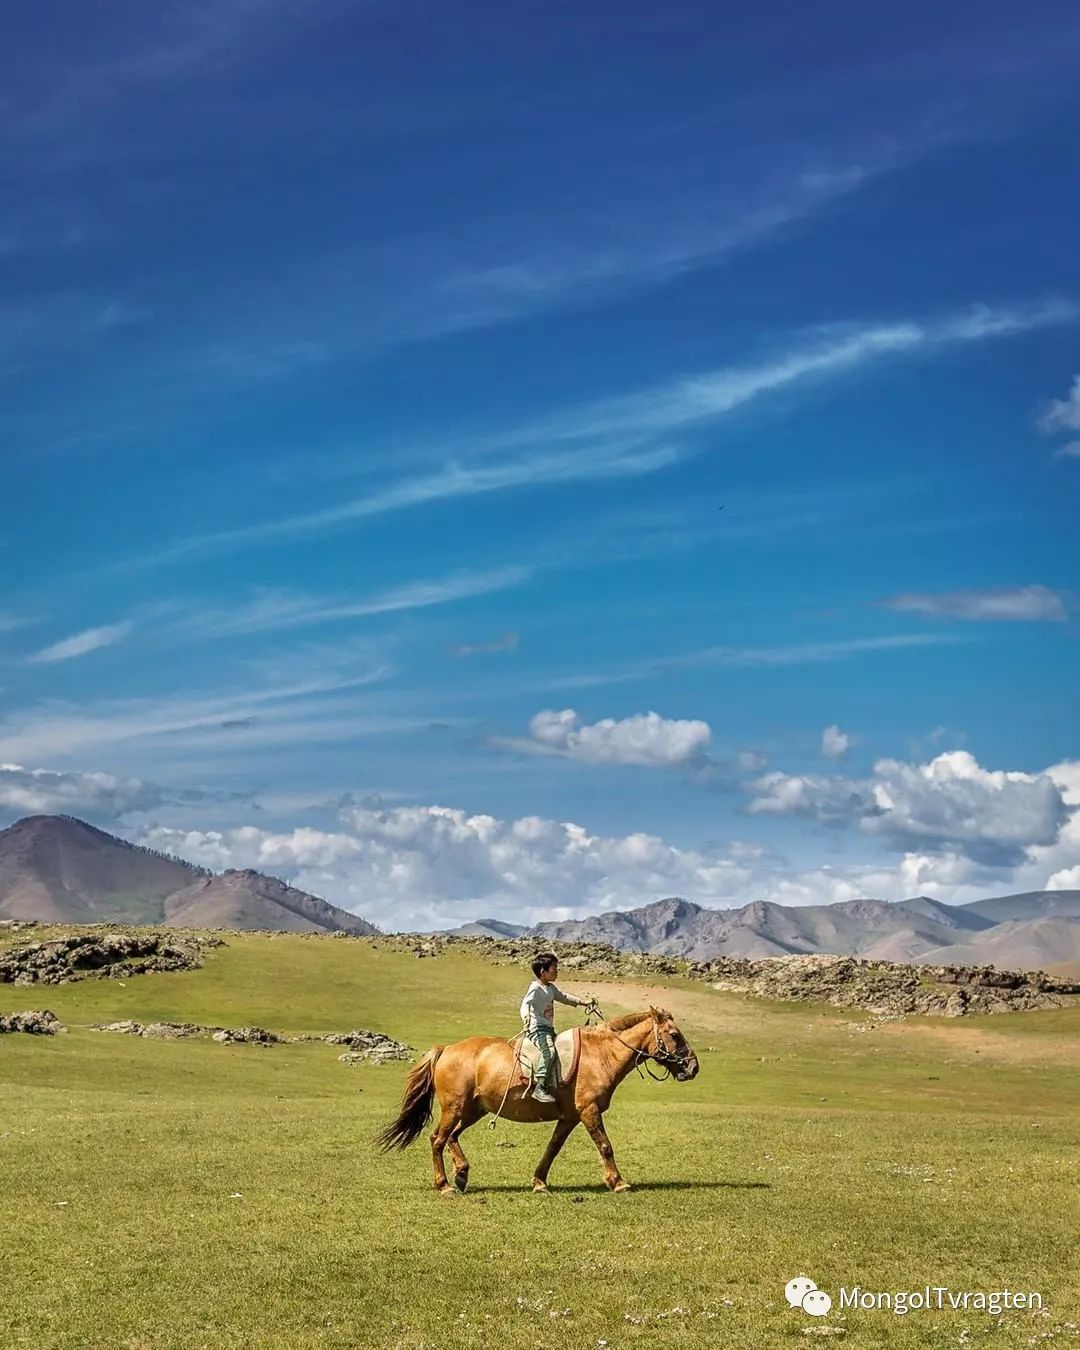 蒙古影像-- Henne Metz 第15张 蒙古影像-- Henne Metz 蒙古文化